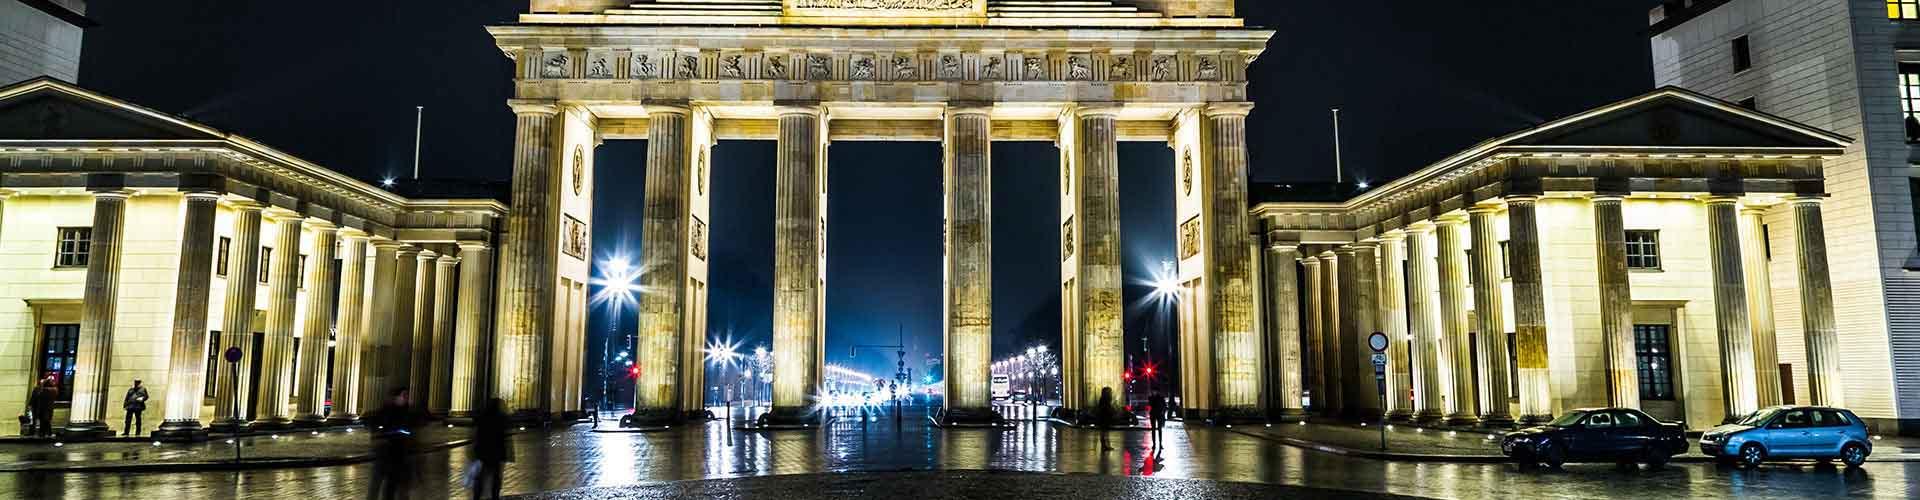 Berlín - Habitaciones cerca a Puerta de Brandenburgo. Mapas de Berlín, Fotos y comentarios de cada Habitación en Berlín.